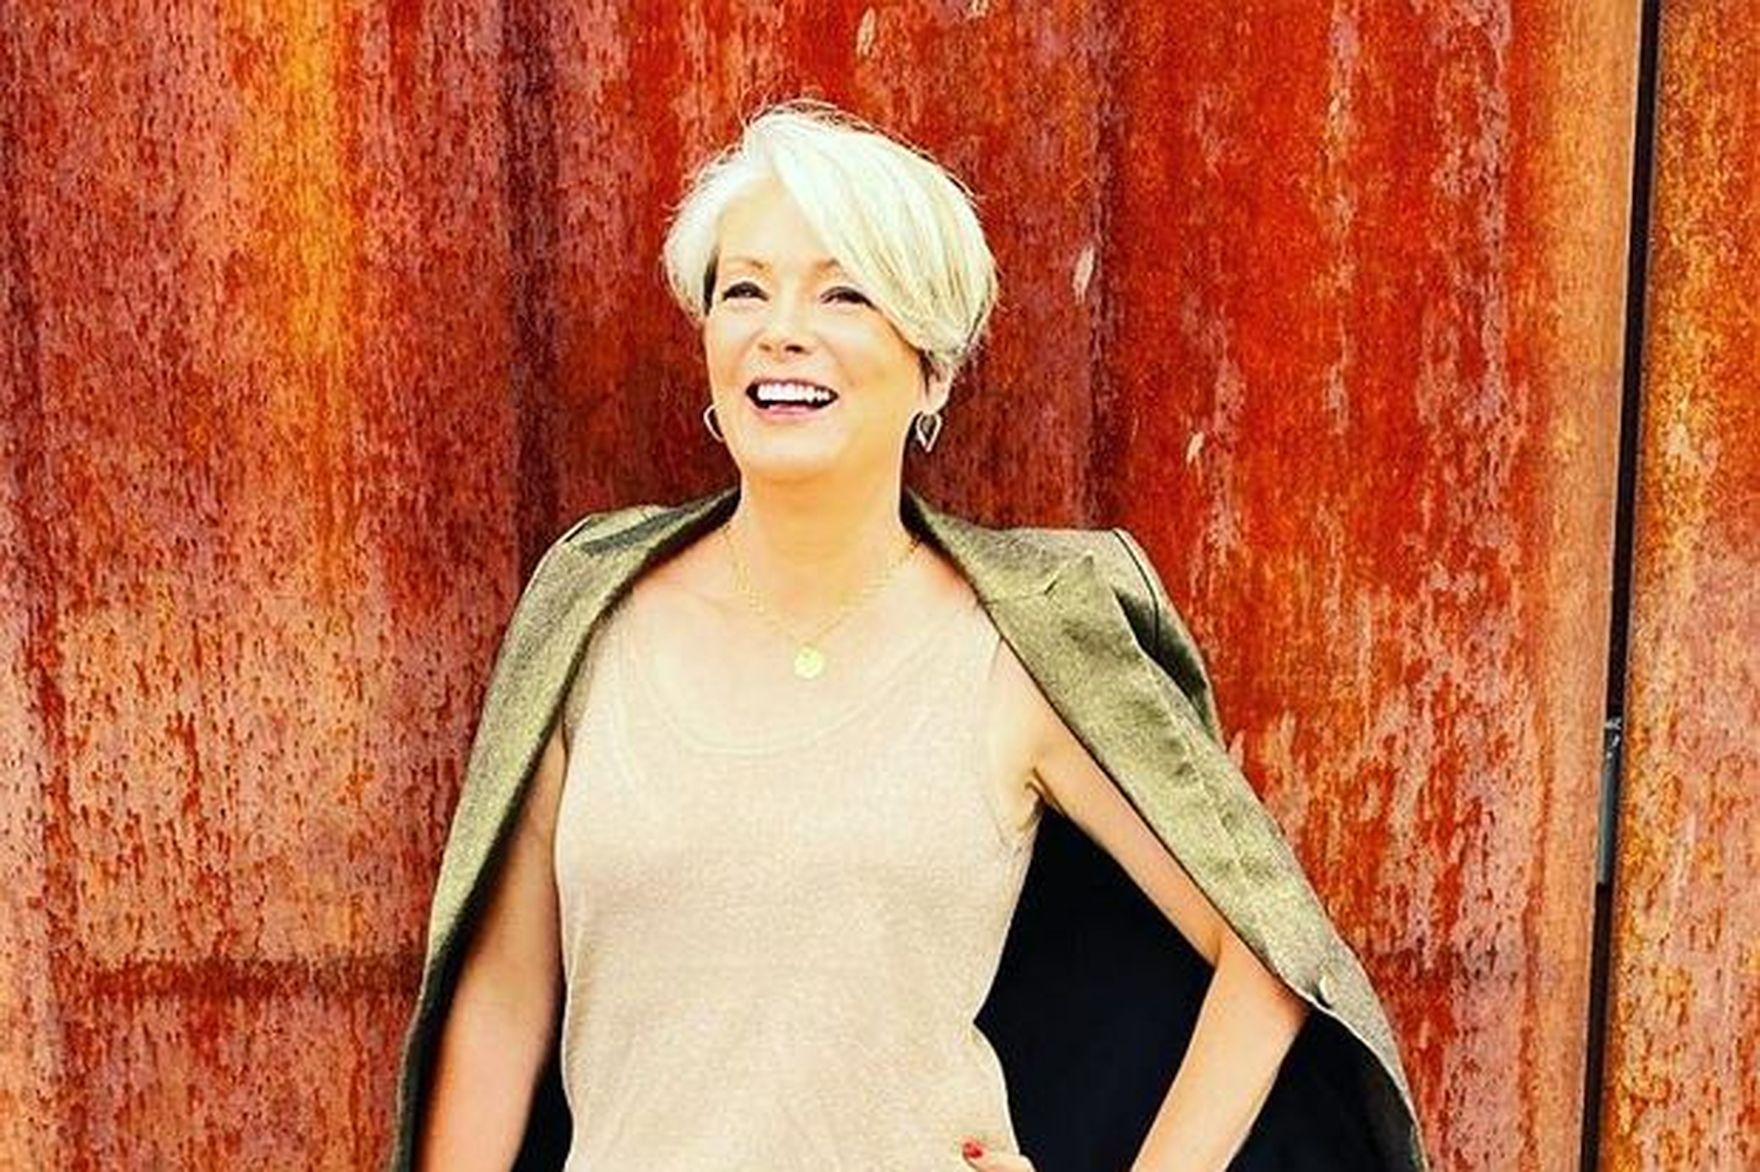 Modne fryzury dla kobiet po 50-tce na jesień i zimę. Te krótkie cięcia odejmują lat i są bardzo kobiece!